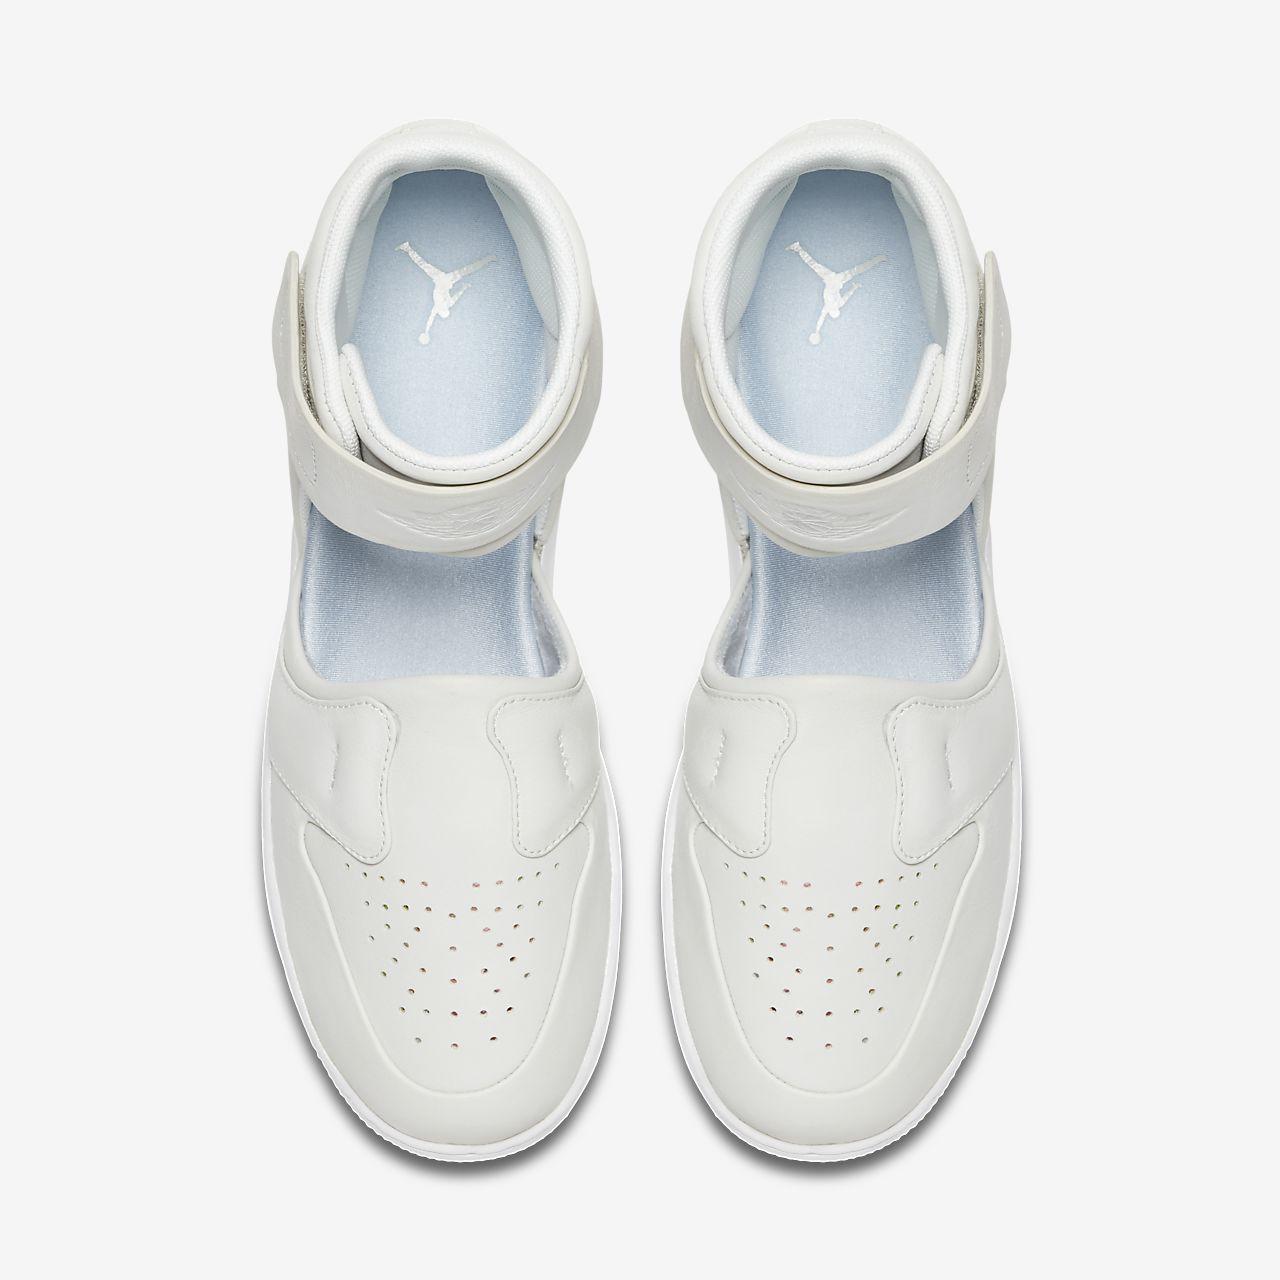 ... Jordan AJ1 Lover XX Women's Shoe